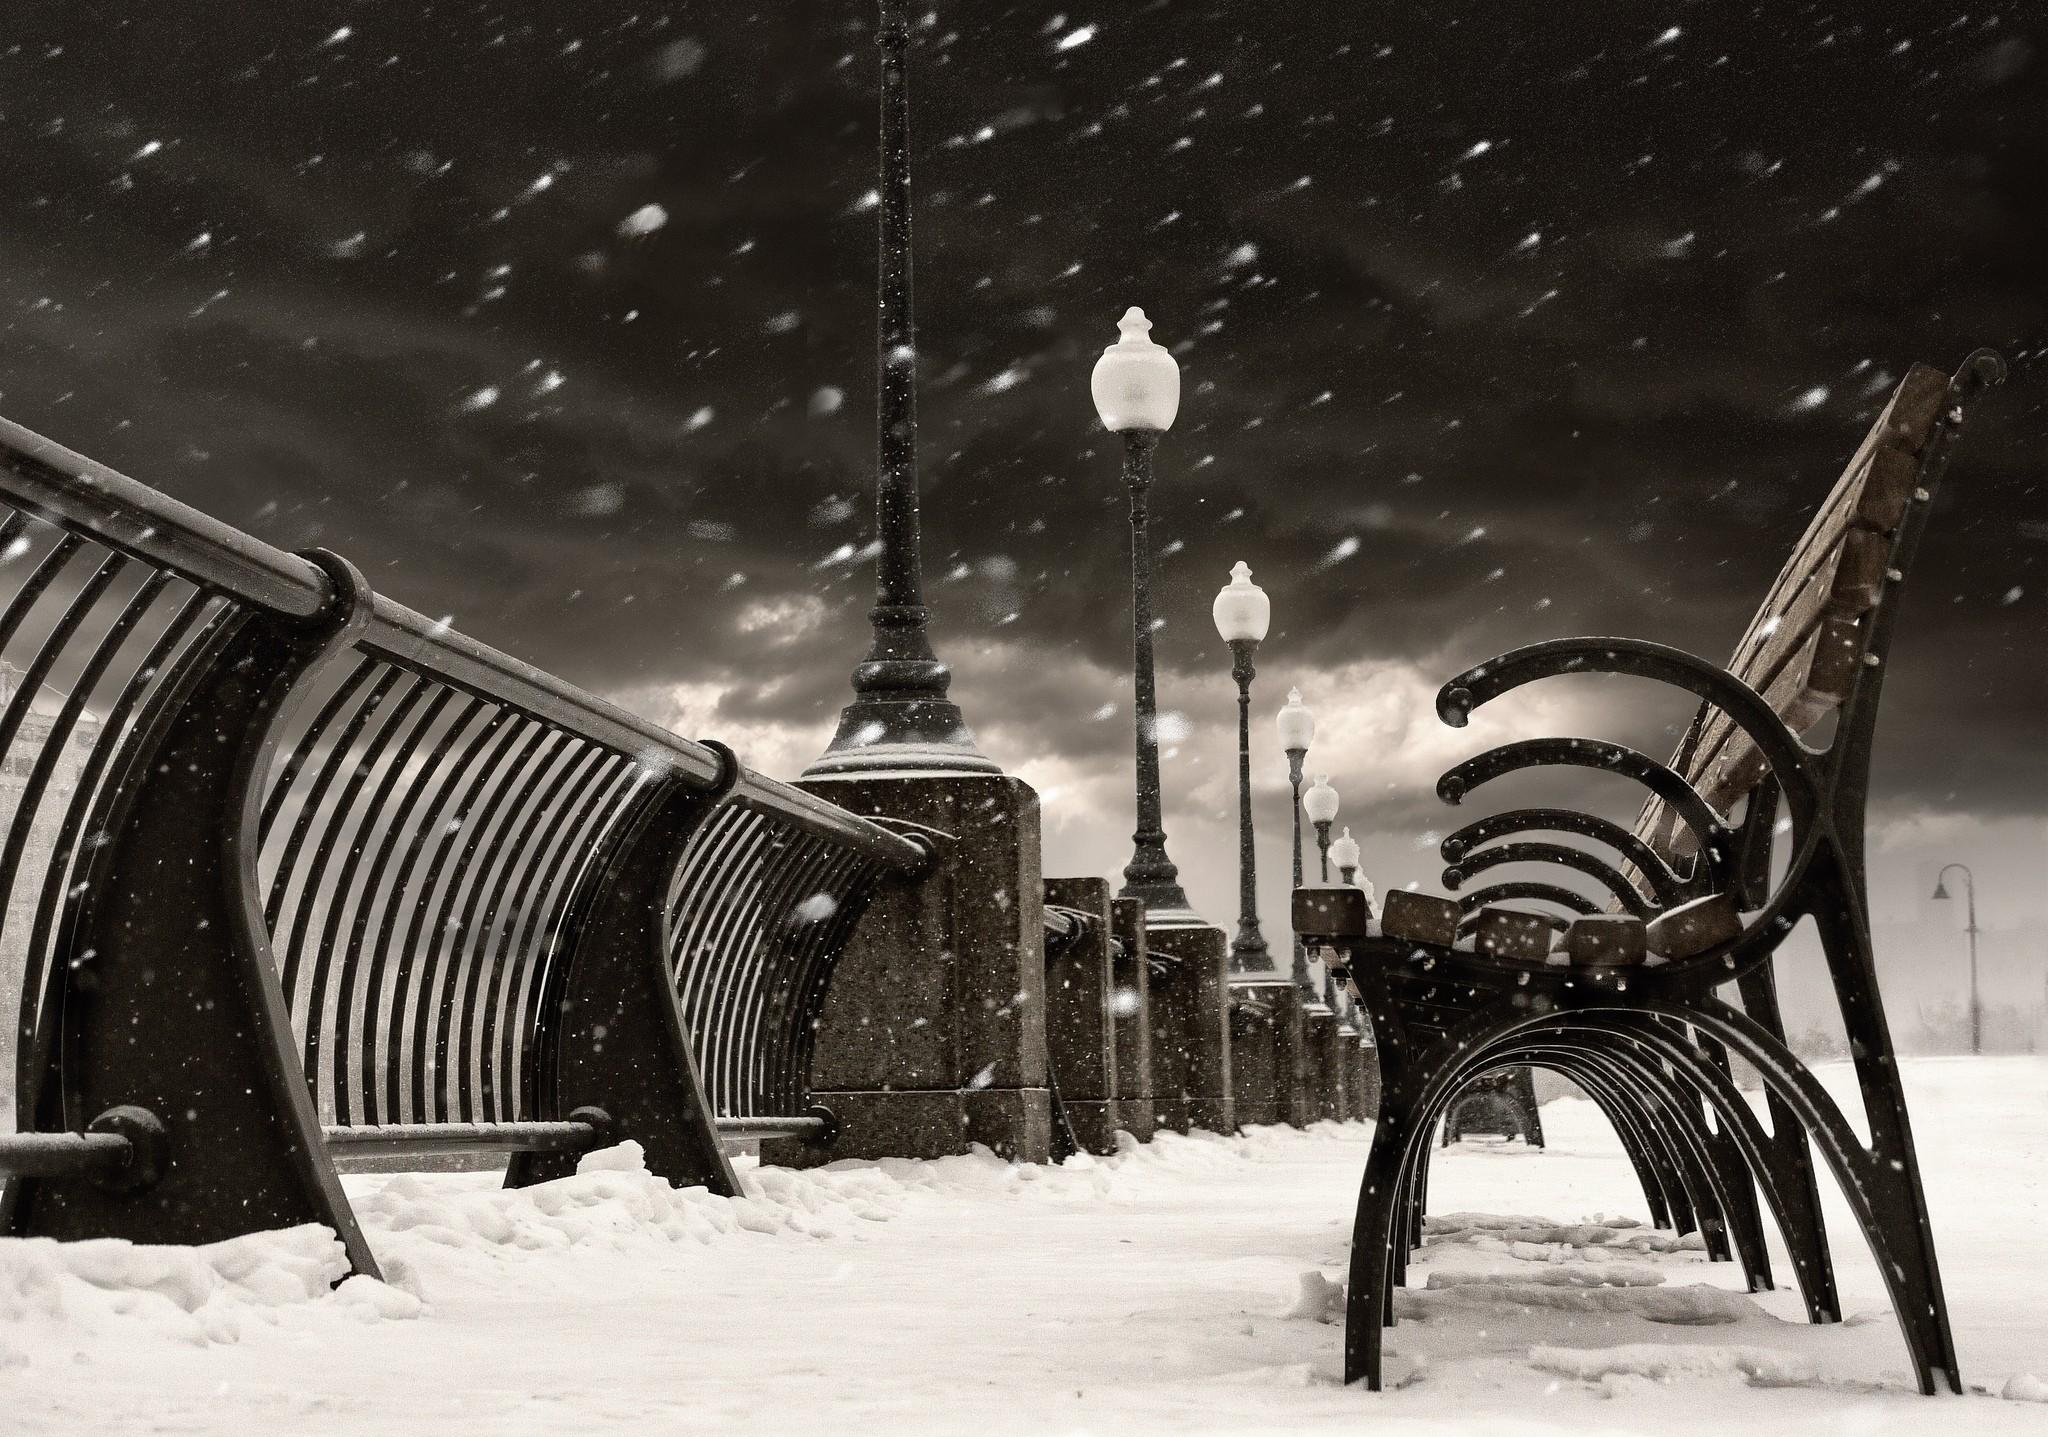 Canada City in Winter